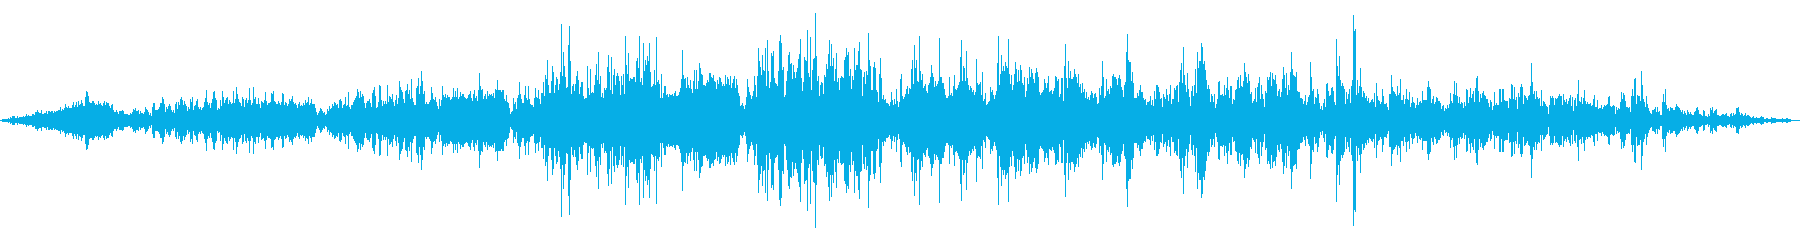 スキューバダイバー:水中:スキュー...の再生済みの波形